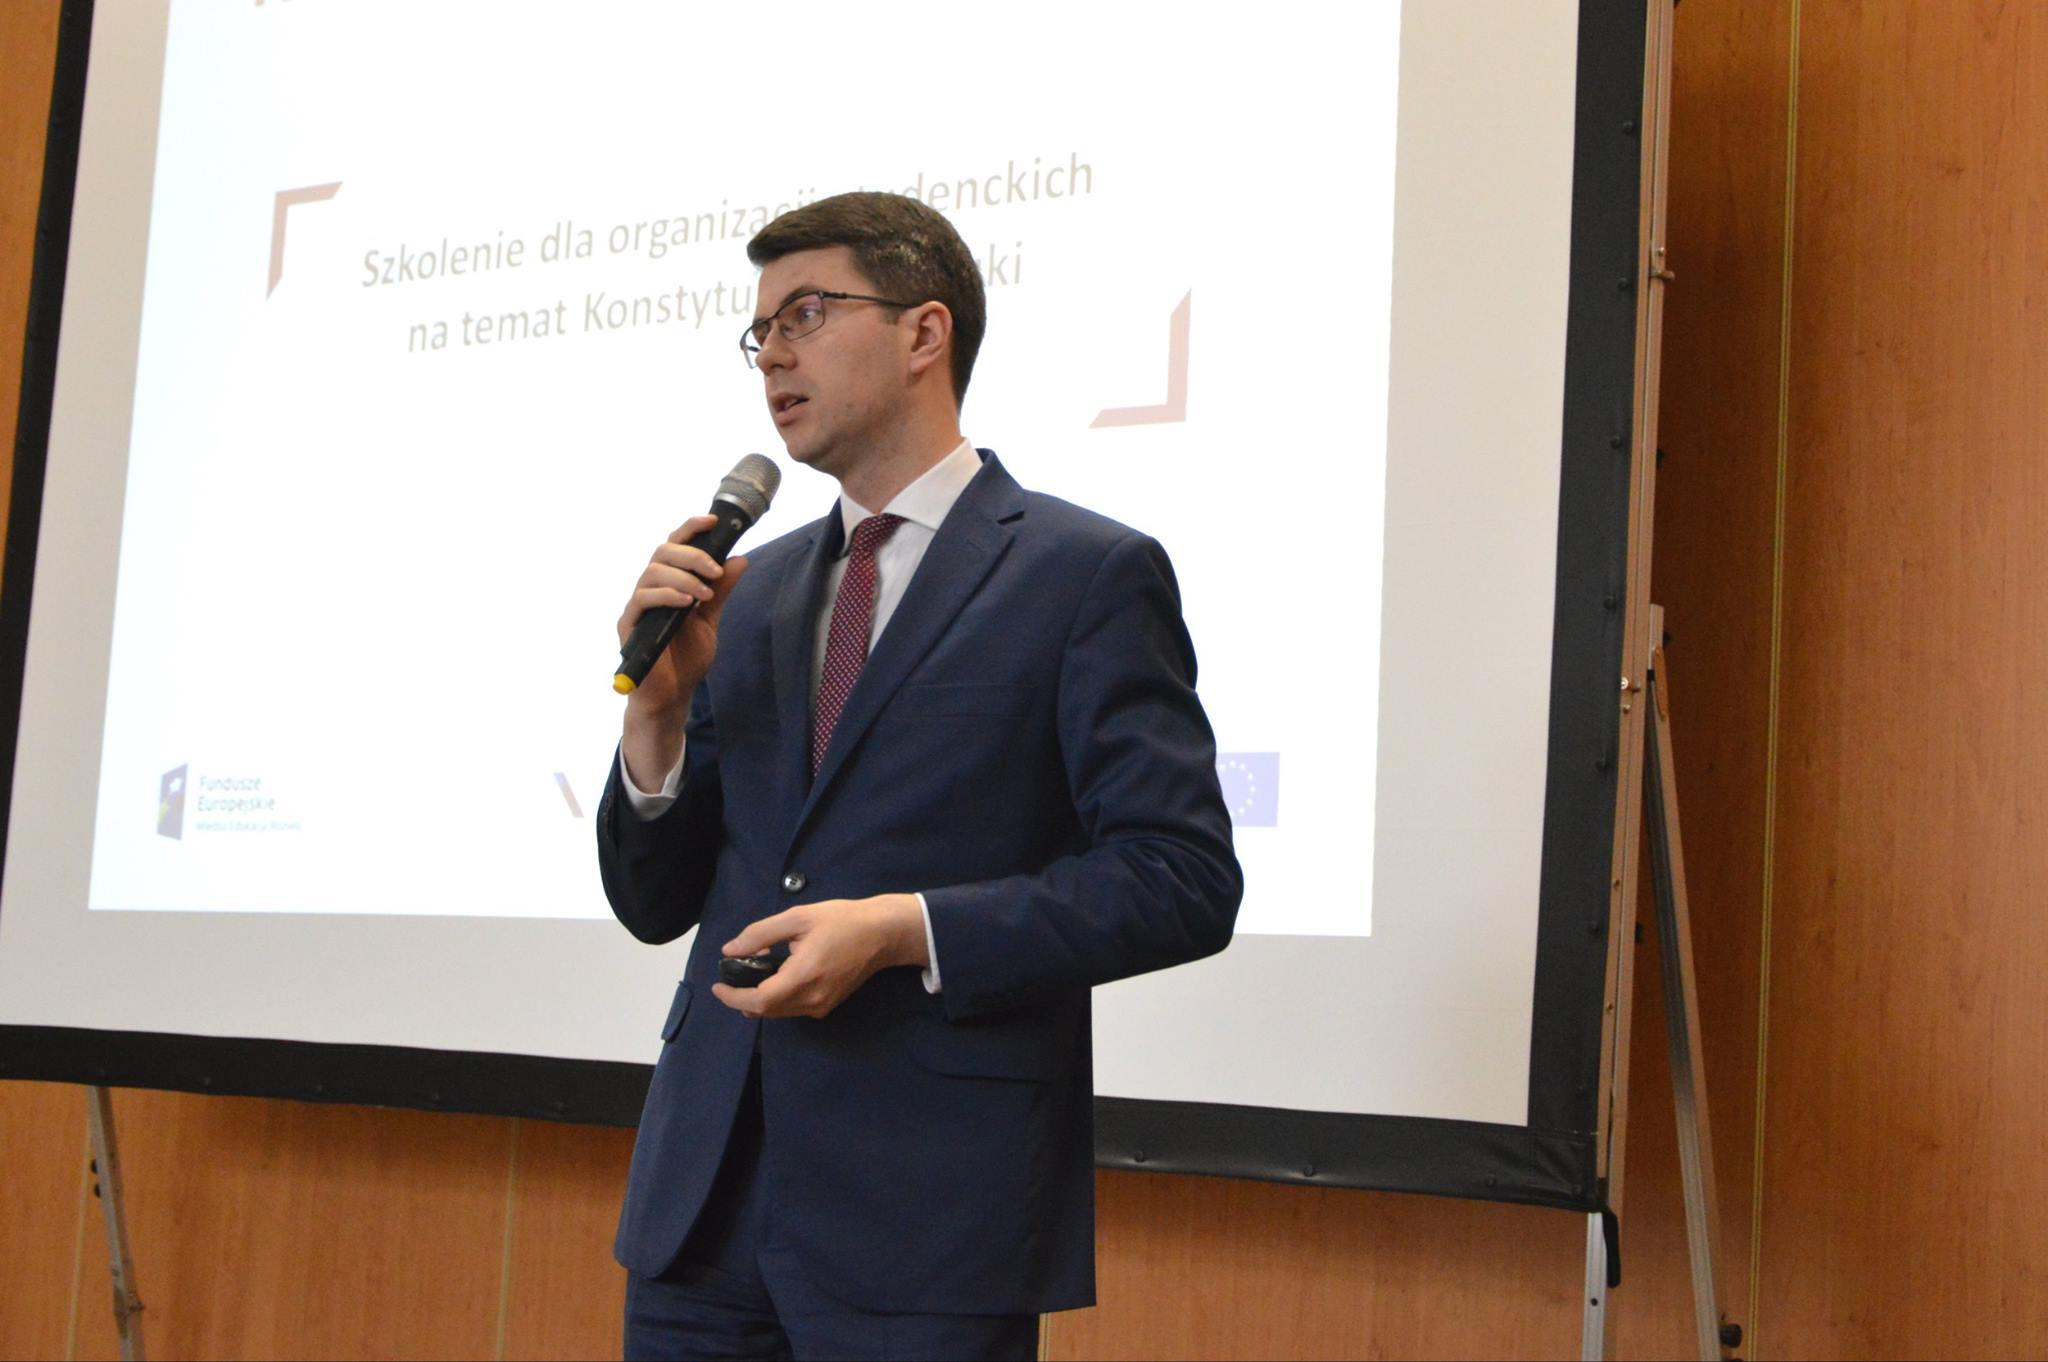 Organizacje studenckie uczestniczyły w szkoleniu zorganizowanym przez MNiSW na temat Konstytucji dla Nauki